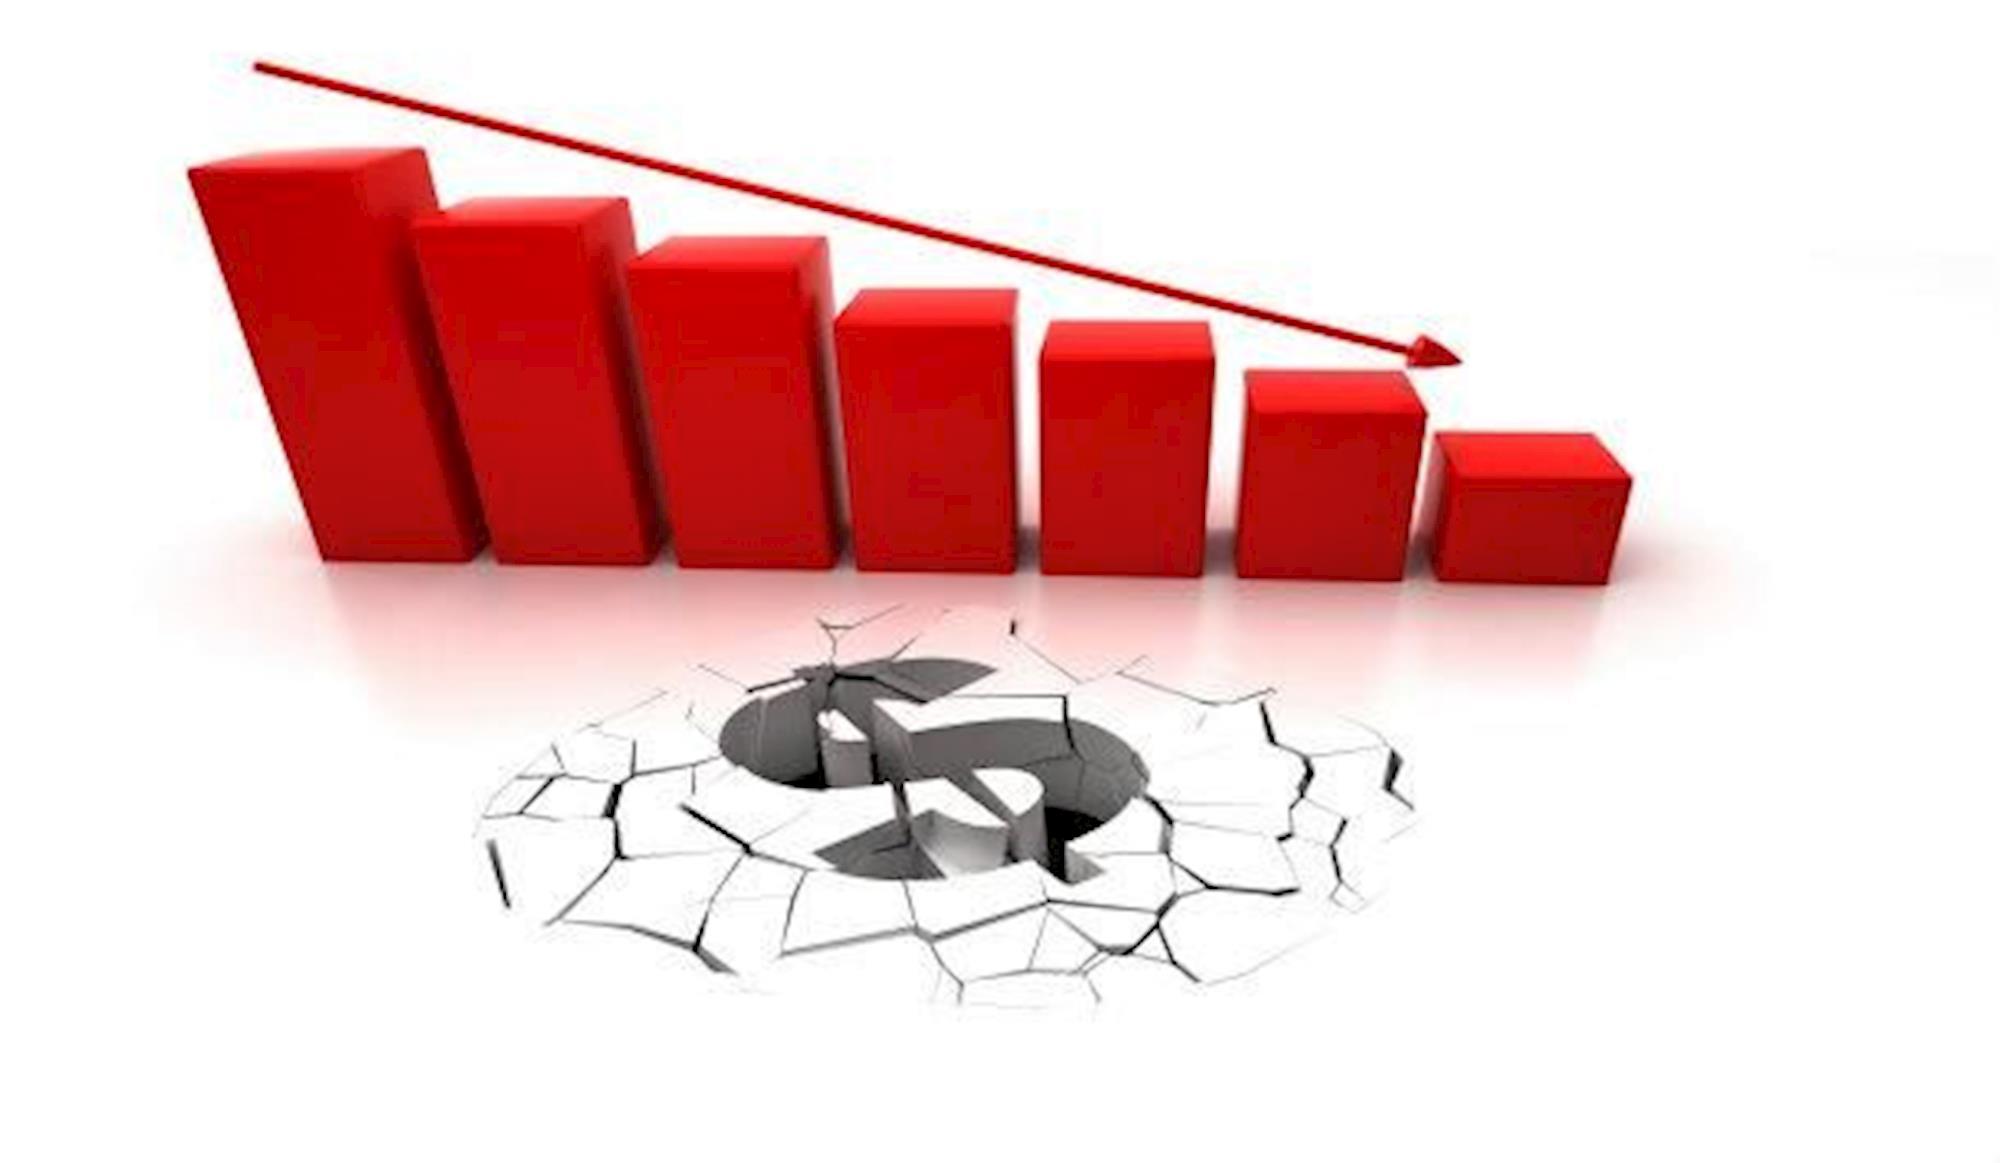 editorial, folha, economia, estagnada, inflação, baixa, Divulgação